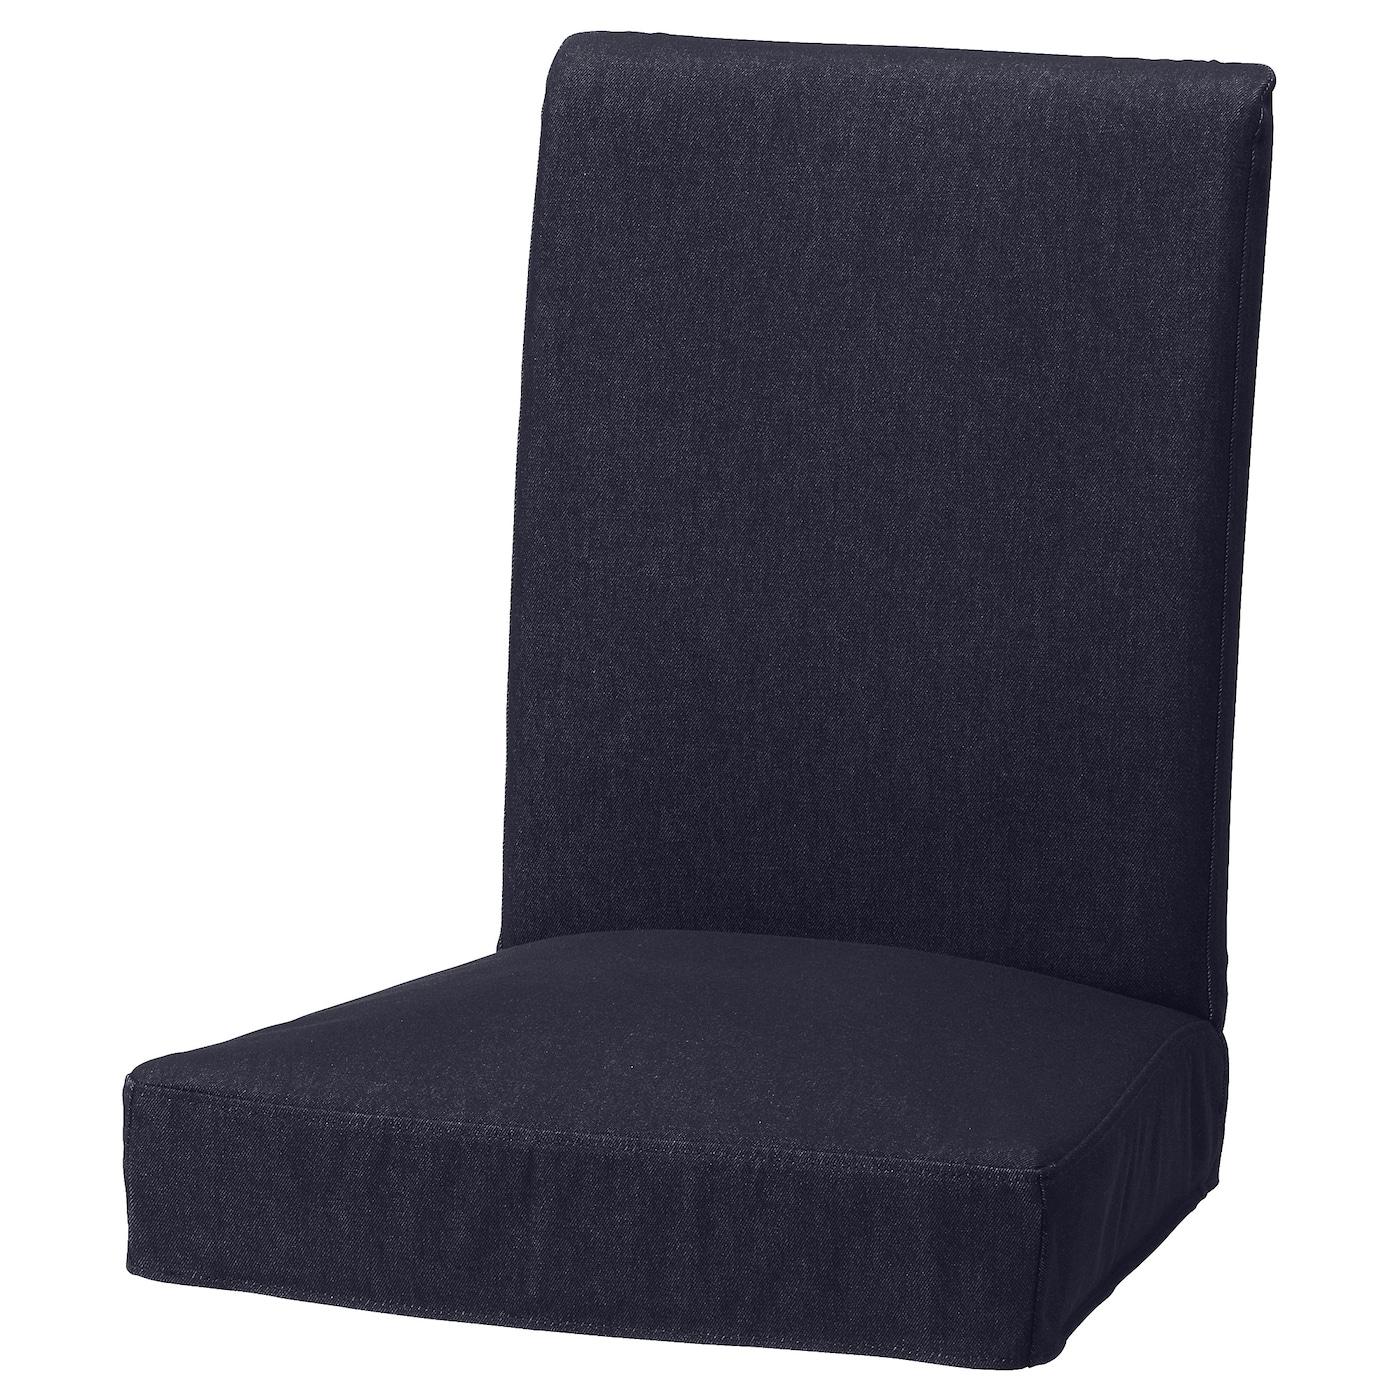 Henriksdal housse pour chaise vansta bleu fonc ikea for Housse pour chaise